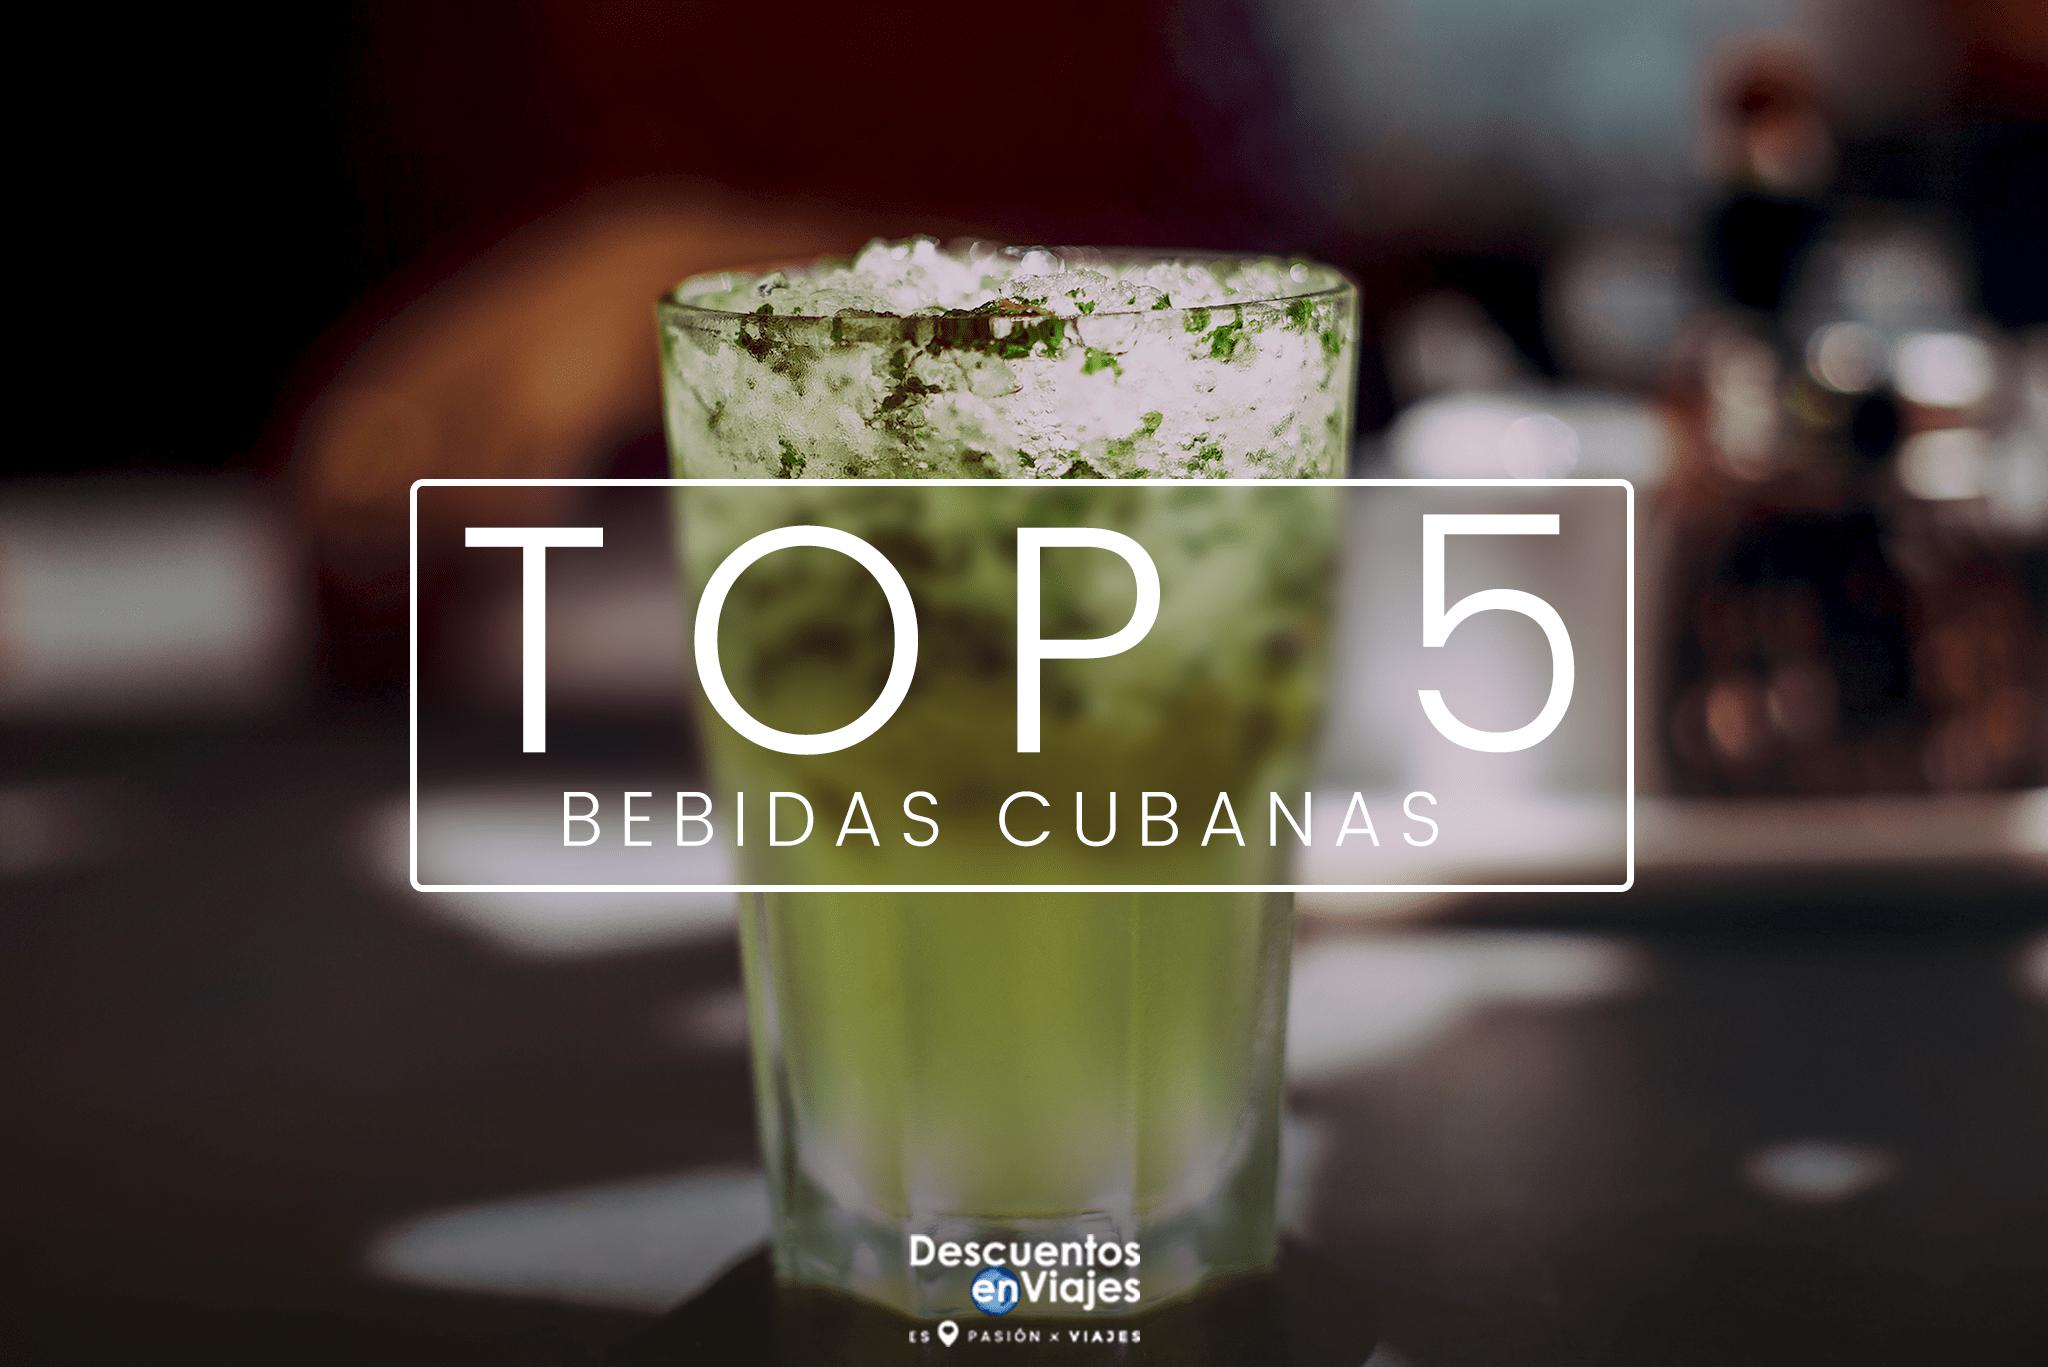 bebidas cubanas descuentos viajes